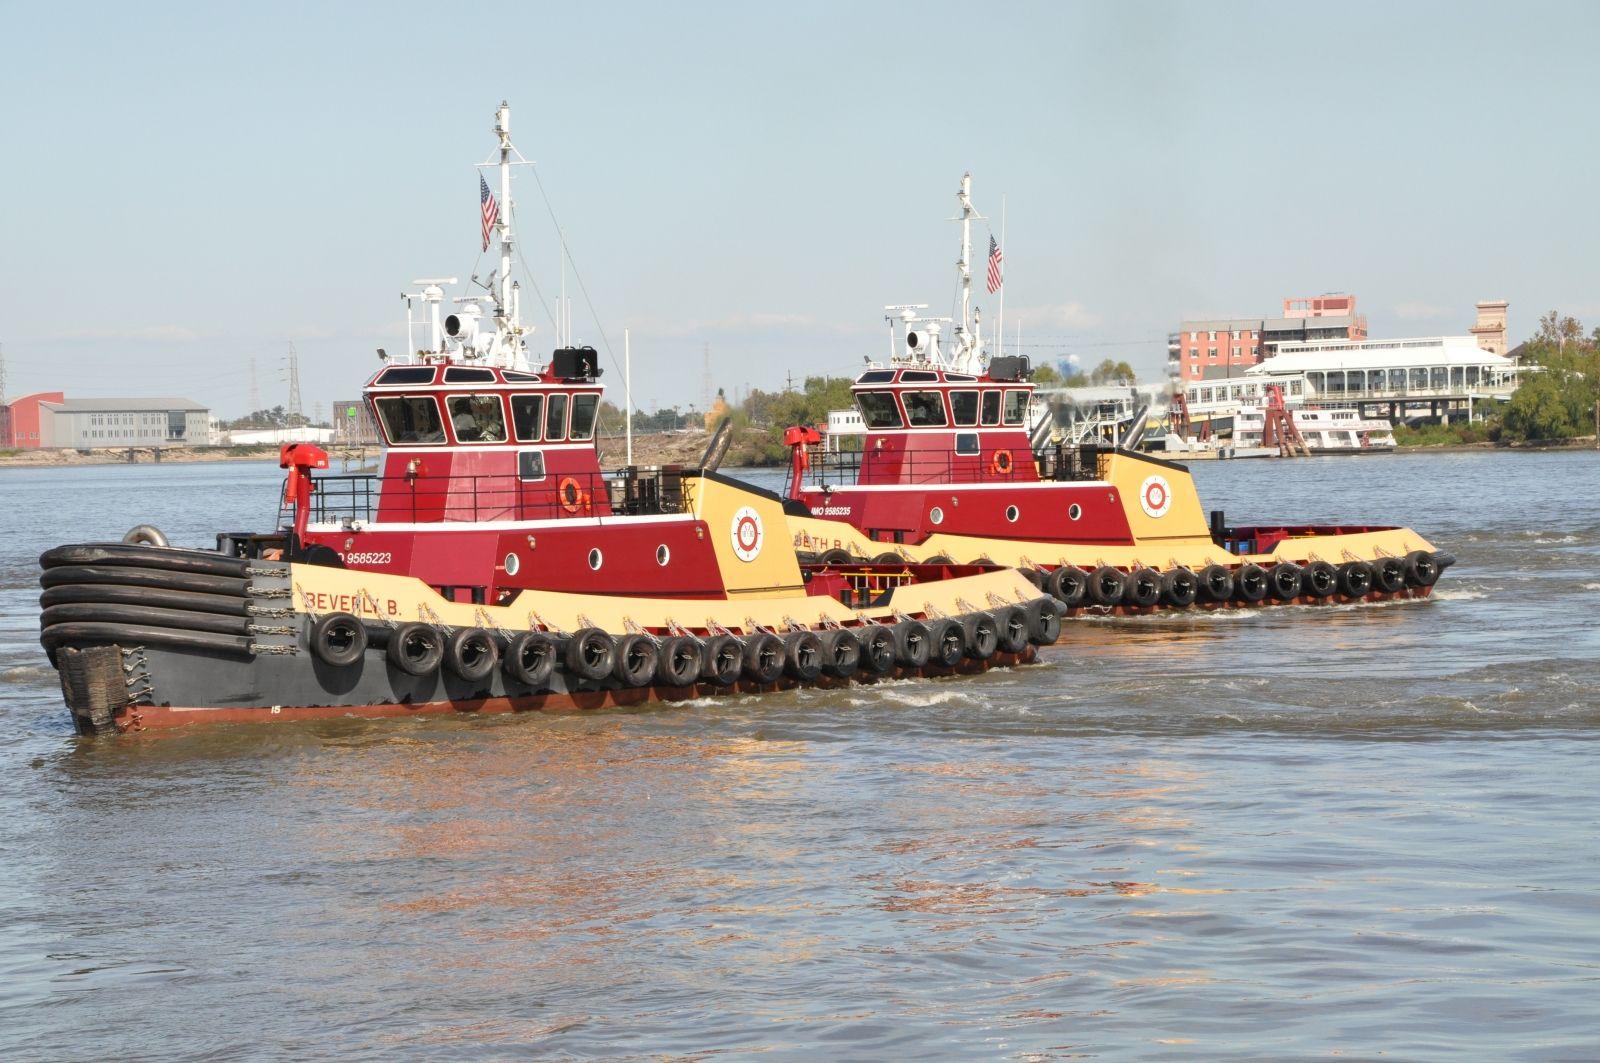 Pin Van Thijs Coenen Op Tugboats